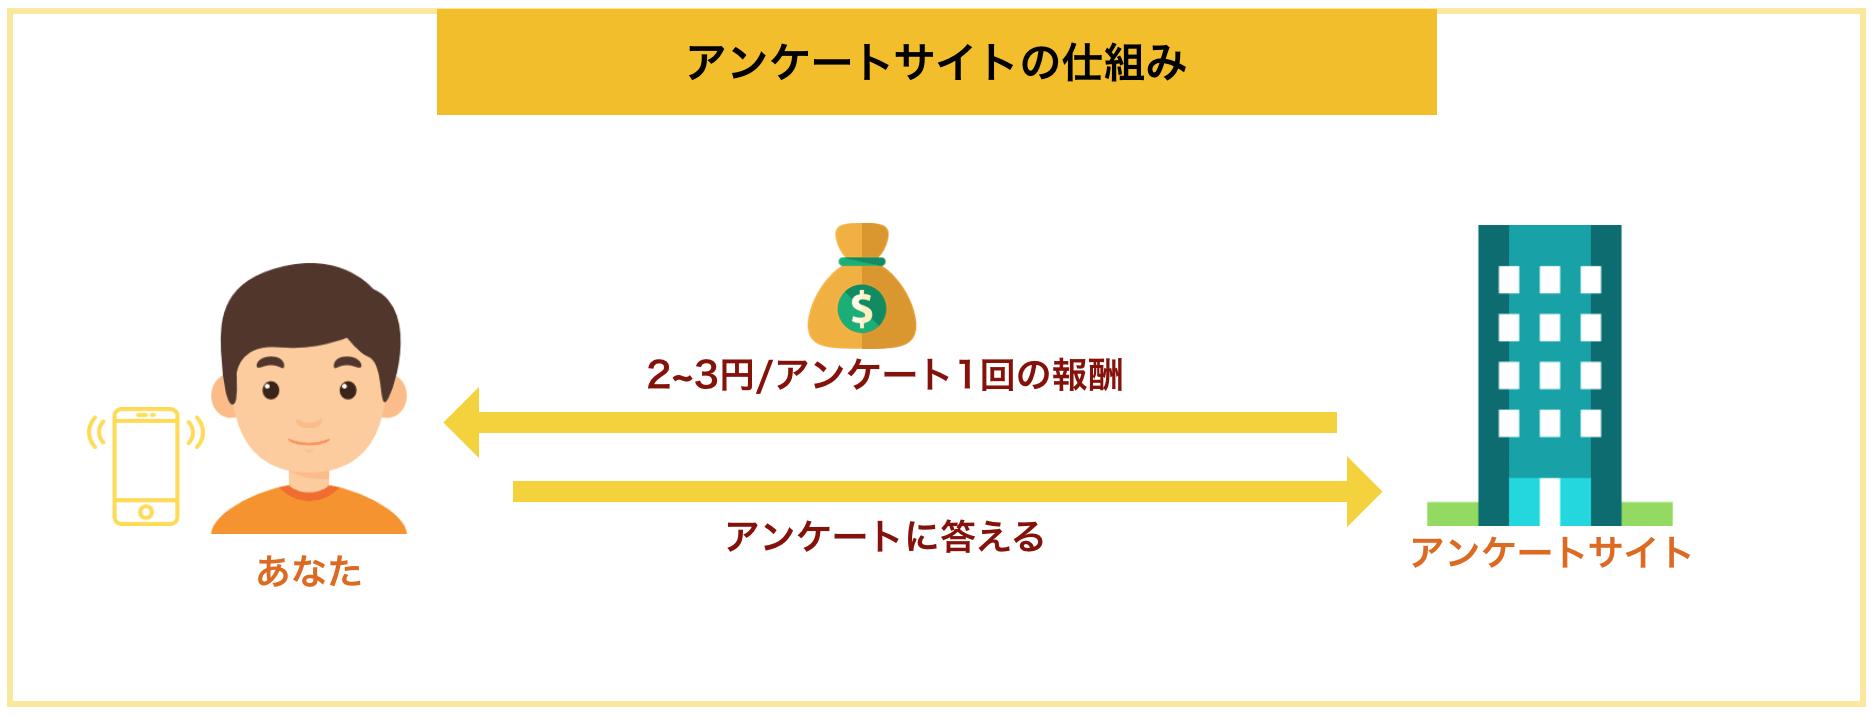 スクリーンショット 2017-02-05 18.47.00